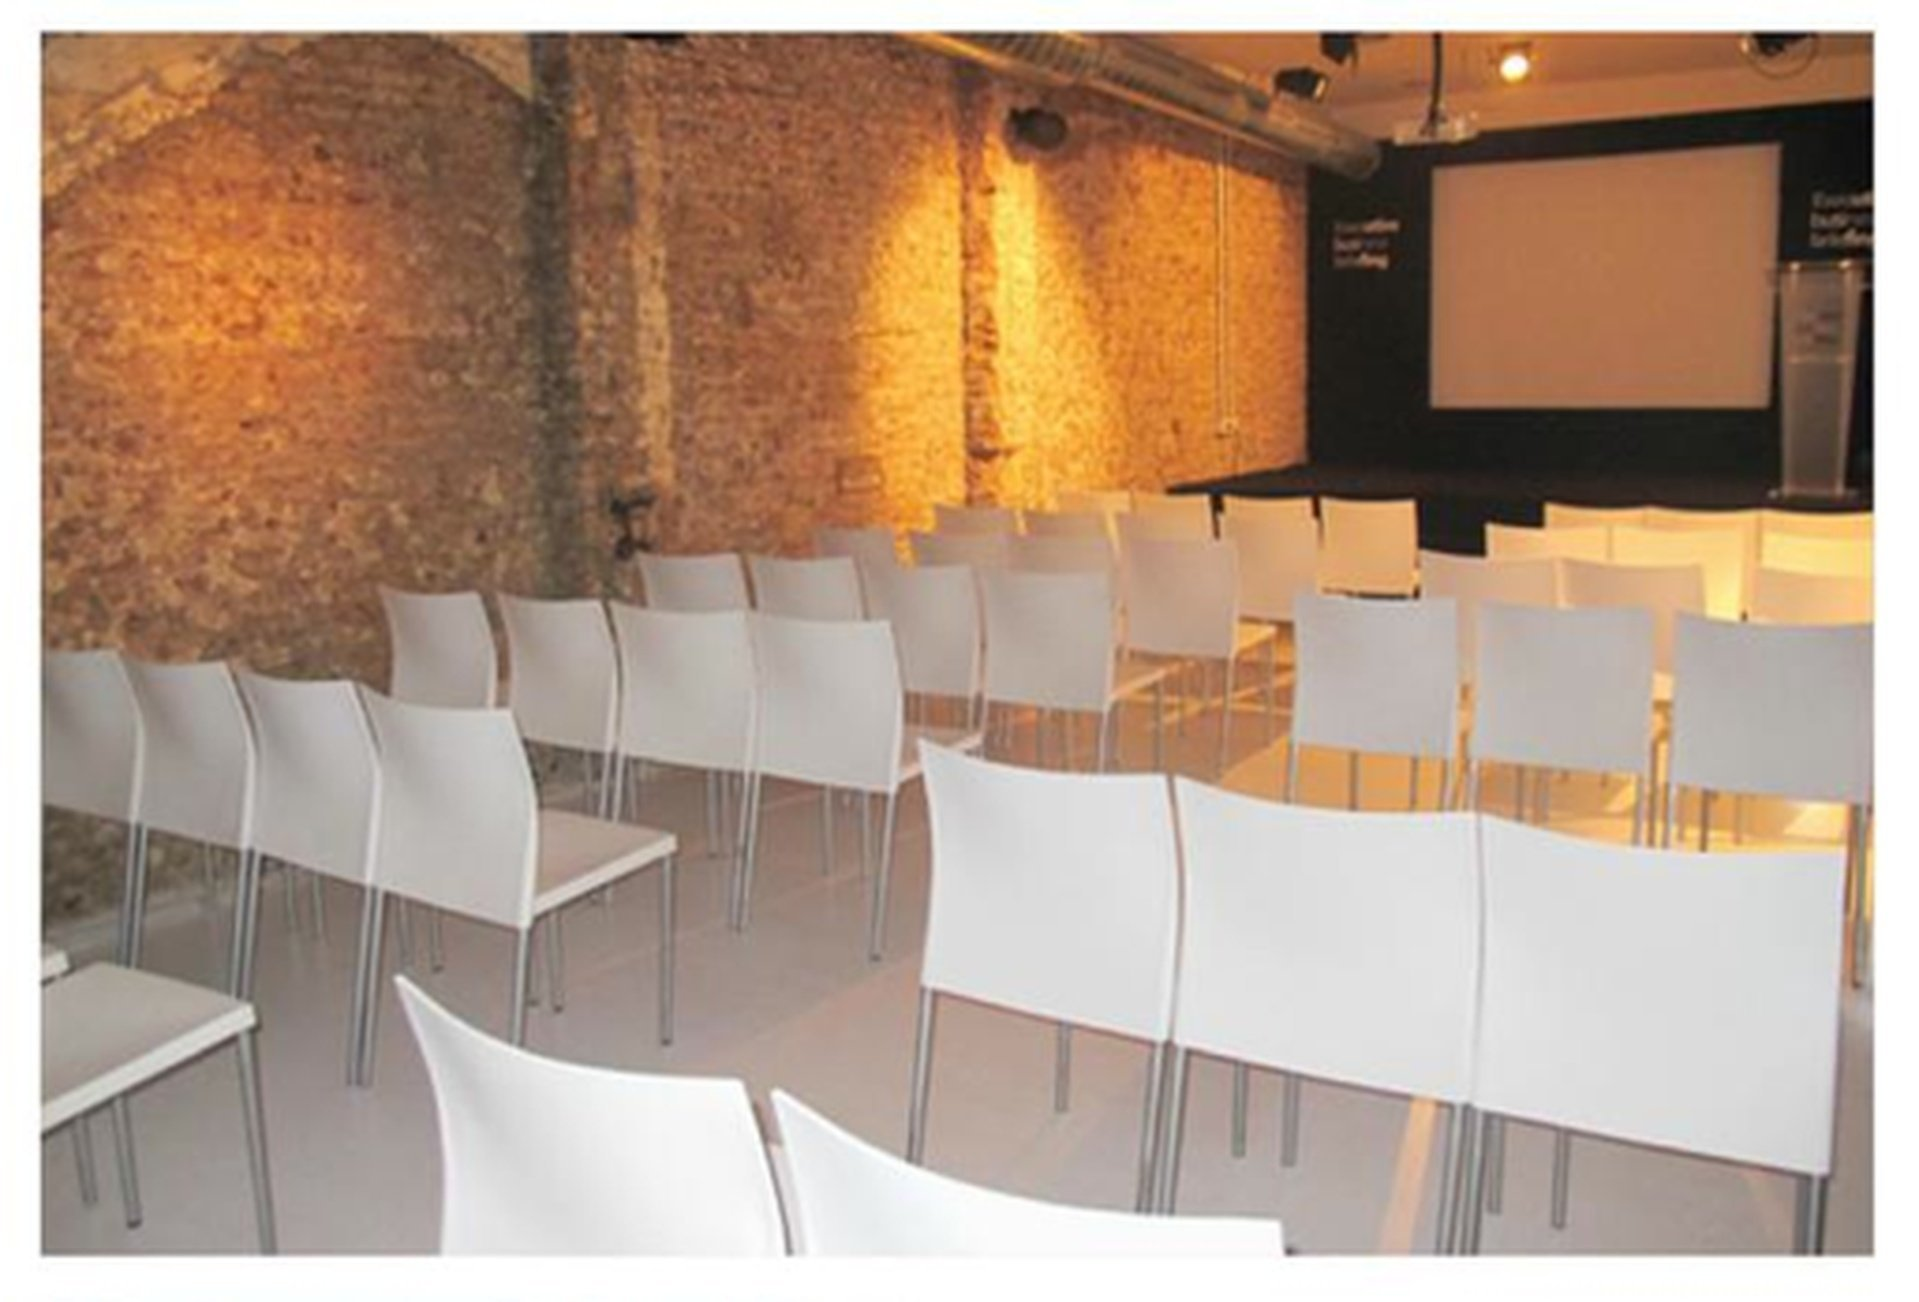 Barcelone workshop spaces Salle de réunion Ingracia image 0